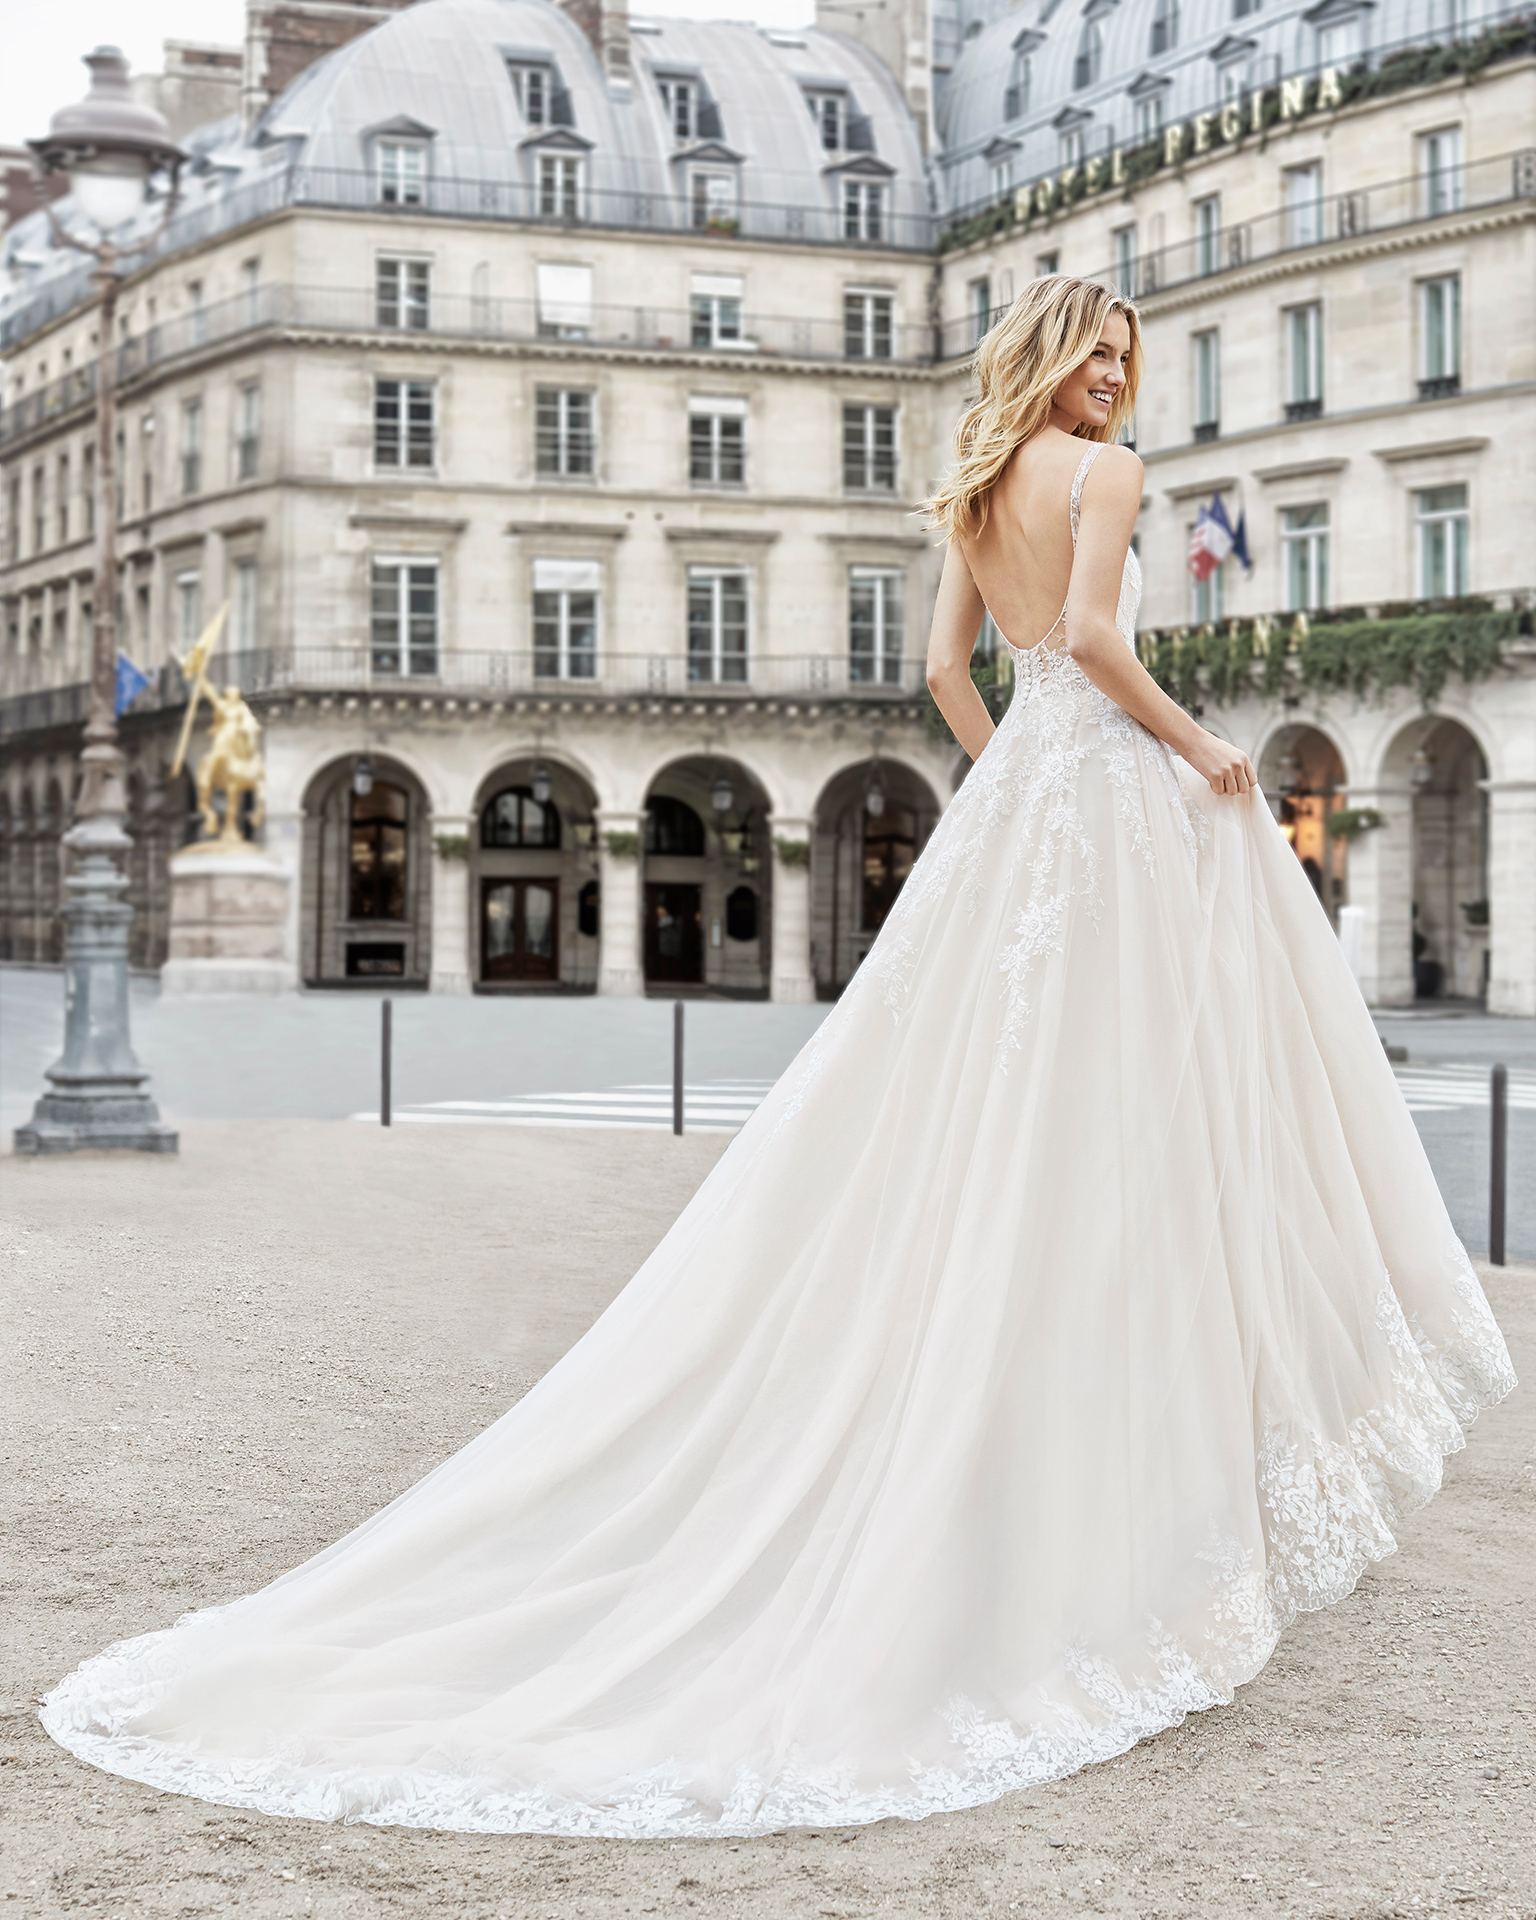 Robe de mariée style princesse en dentelle et tulle royal. Col en V et décolleté dans le dos. Disponible en couleur ambre, blanche légèrement grisâtre, et naturelle. Collection AIRE BARCELONA 2019.